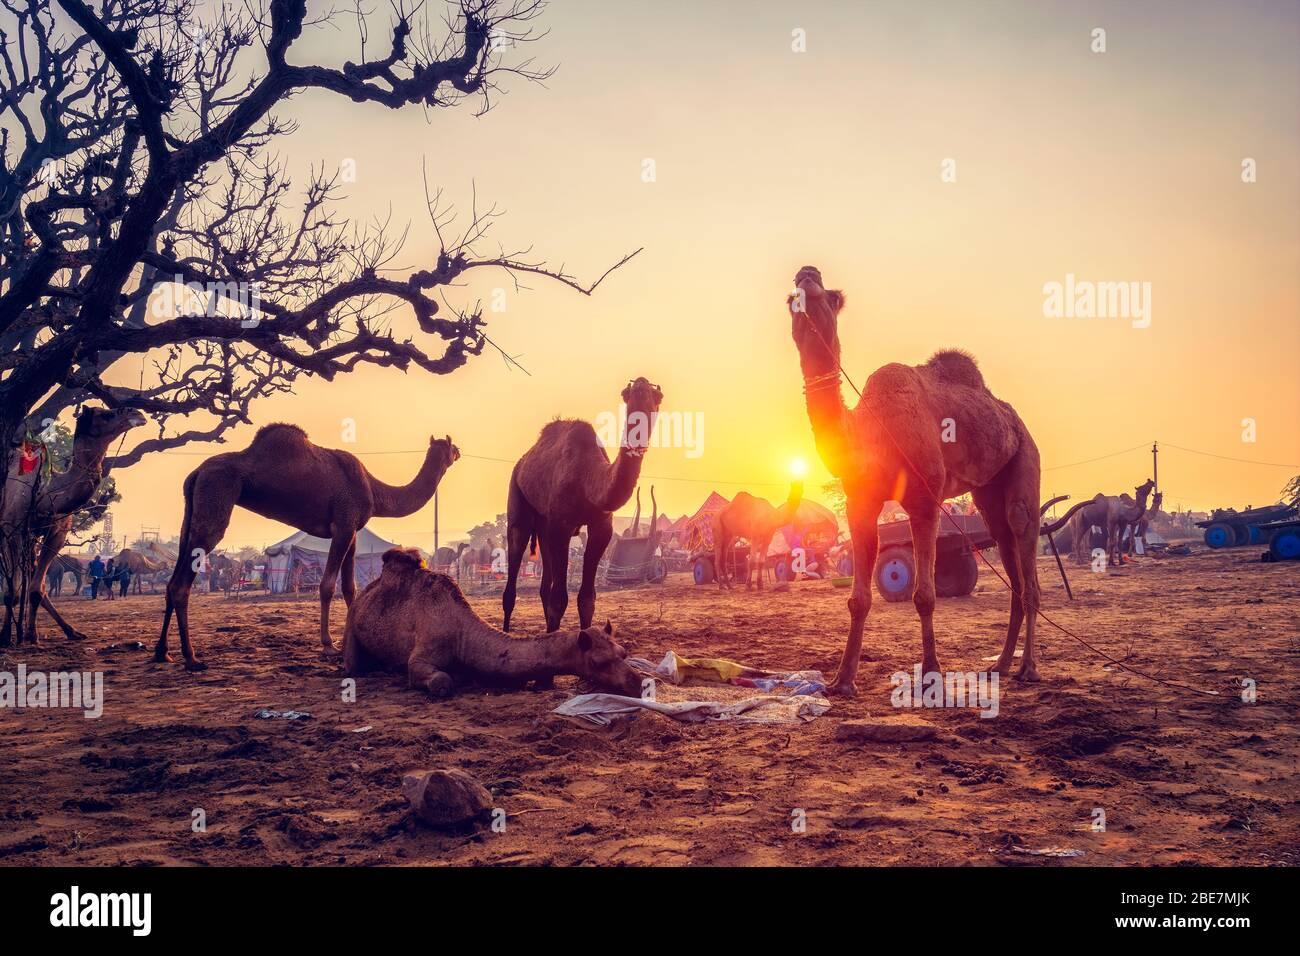 Pushkar Mela feria de camellos festival en el campo comer masticando al atardecer. Pushkar, Rajasthan, India Foto de stock